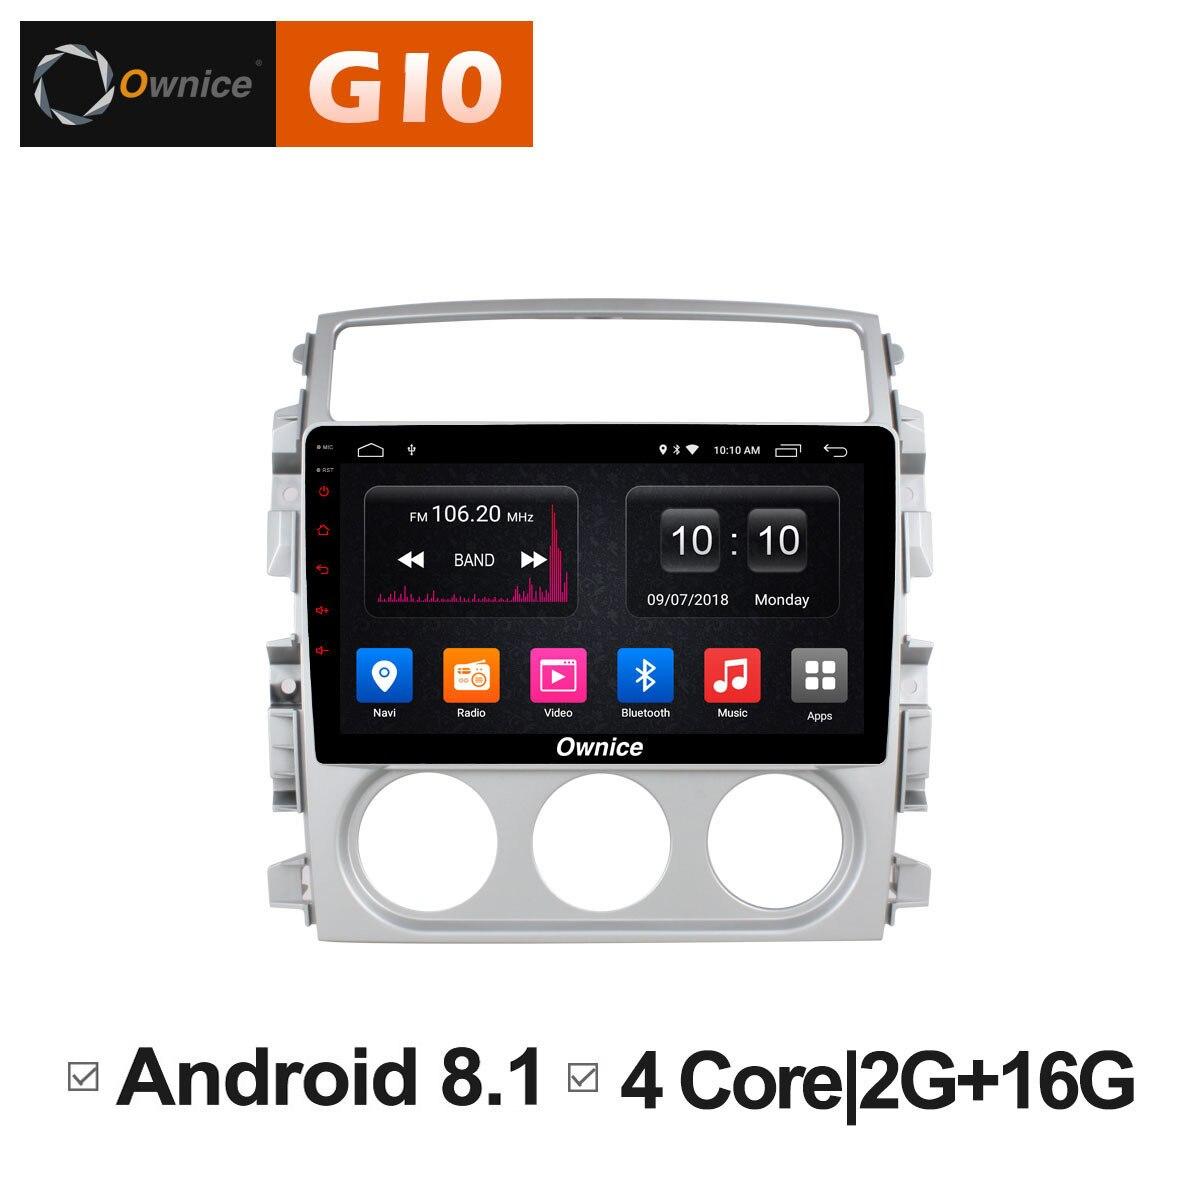 Android 8.1 Unité de tête de Voiture dvd Stéréo Multimédia lecteur Radio pour Suzuki Liana 2007 2008 2009 2010 2011 2012 2013 DAB + 4G SIM PC